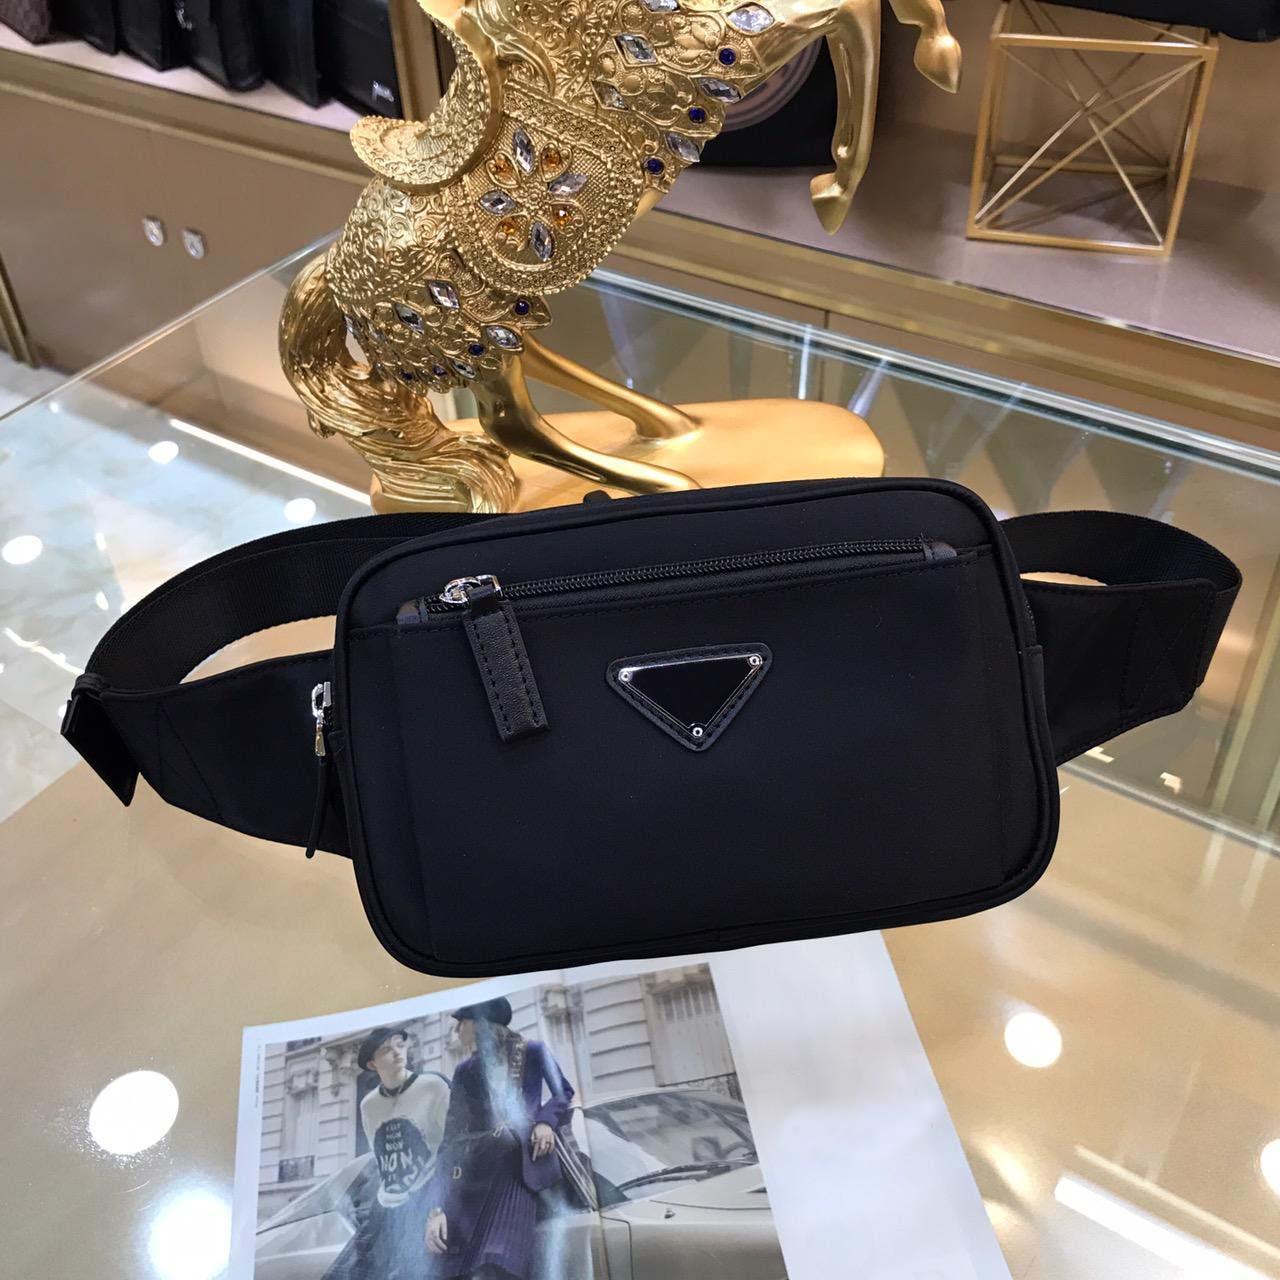 Heiße Verkaufsqualität Taille Tasche Frauen 2021 Mode Leder Fanny Pack Reisende Brust Gürteltaschen Mini Bum Bag Damen Kette Bauchbindage 3613 21x13x4cm